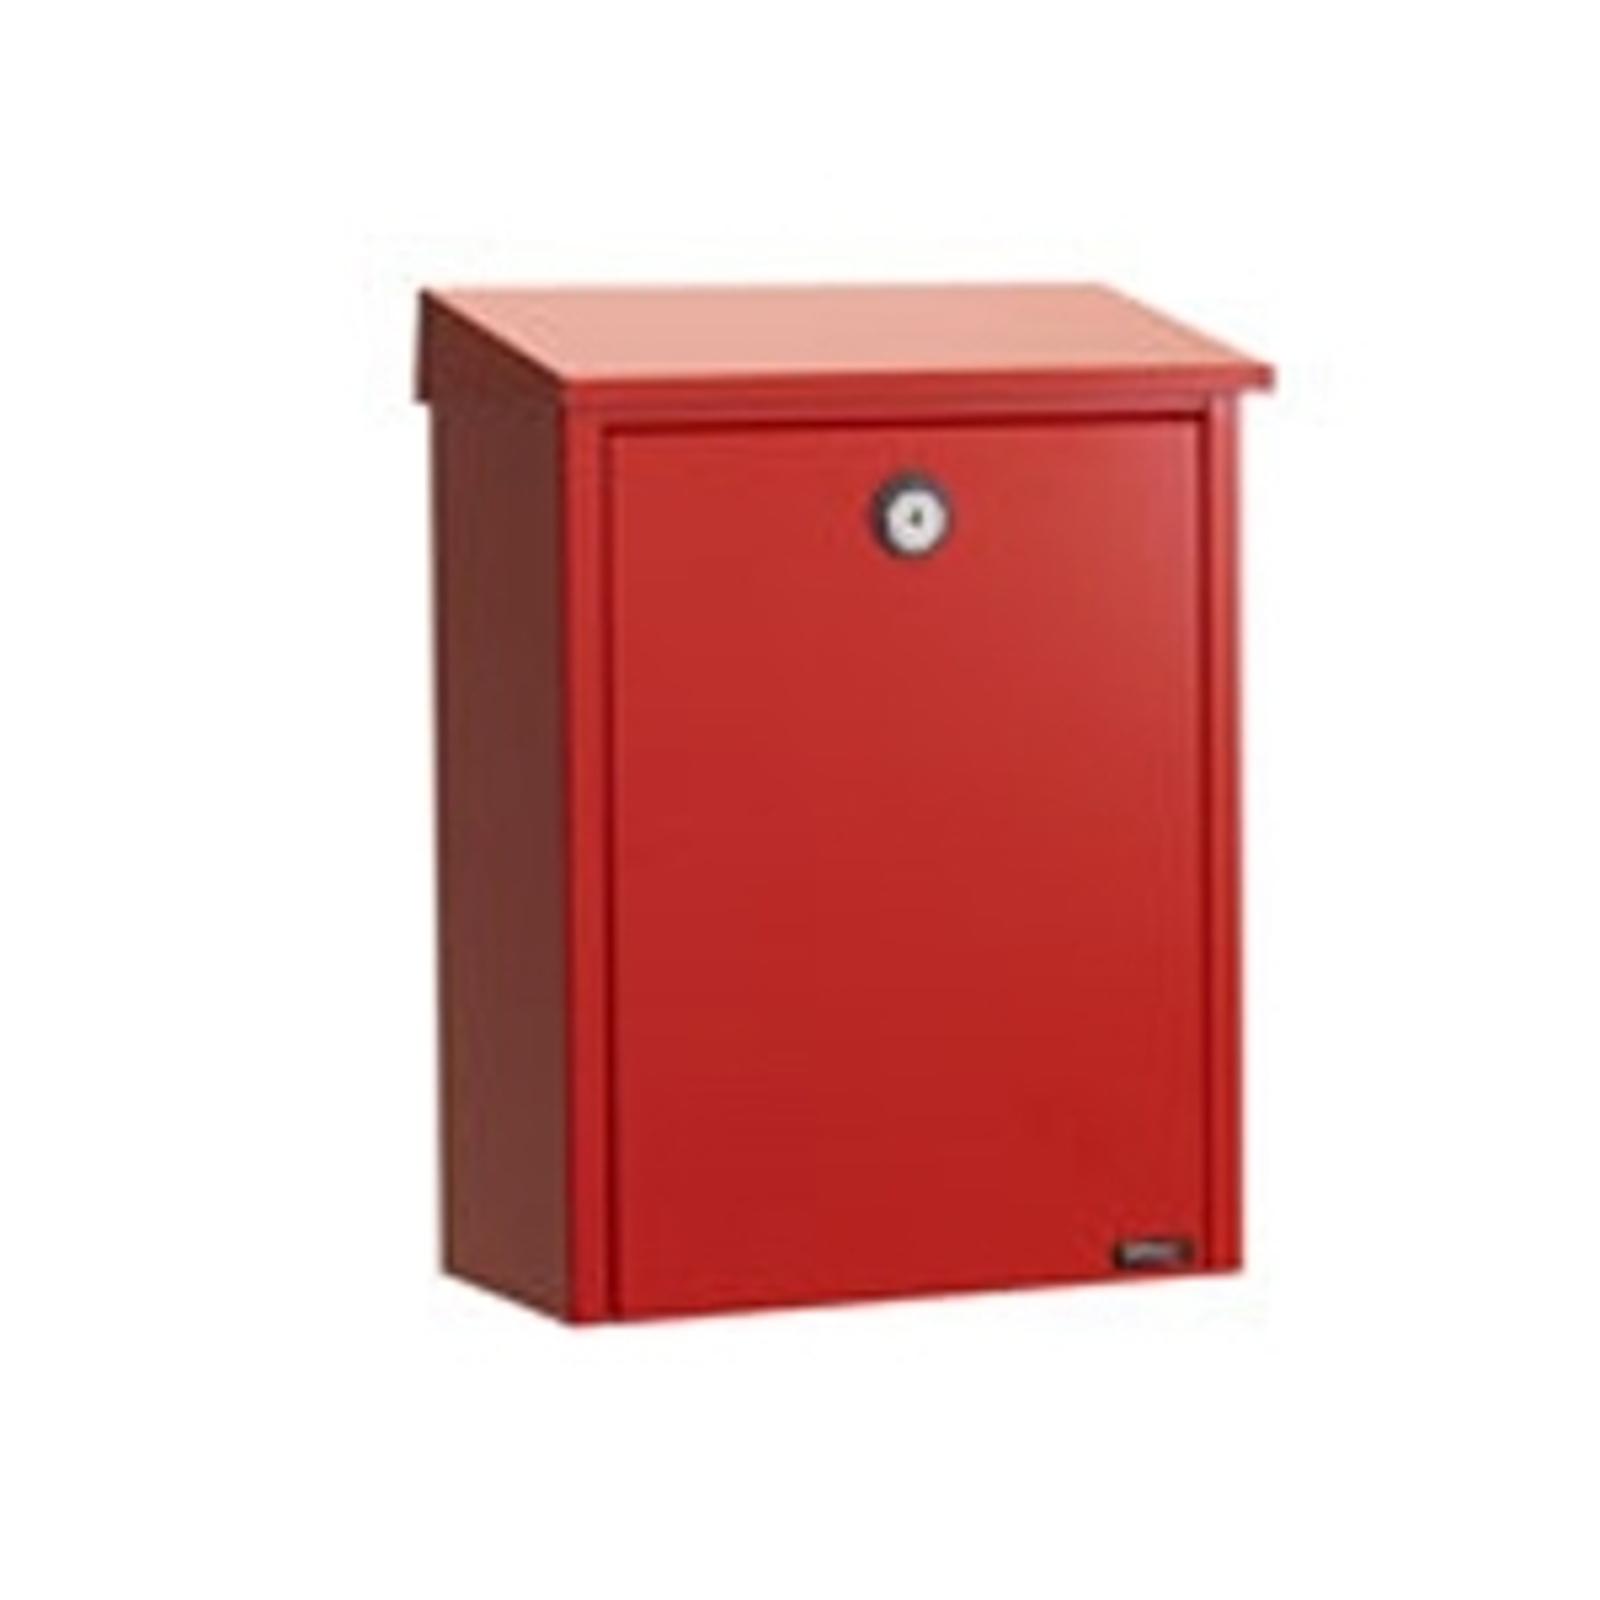 Enkel postkasse av stål, rød